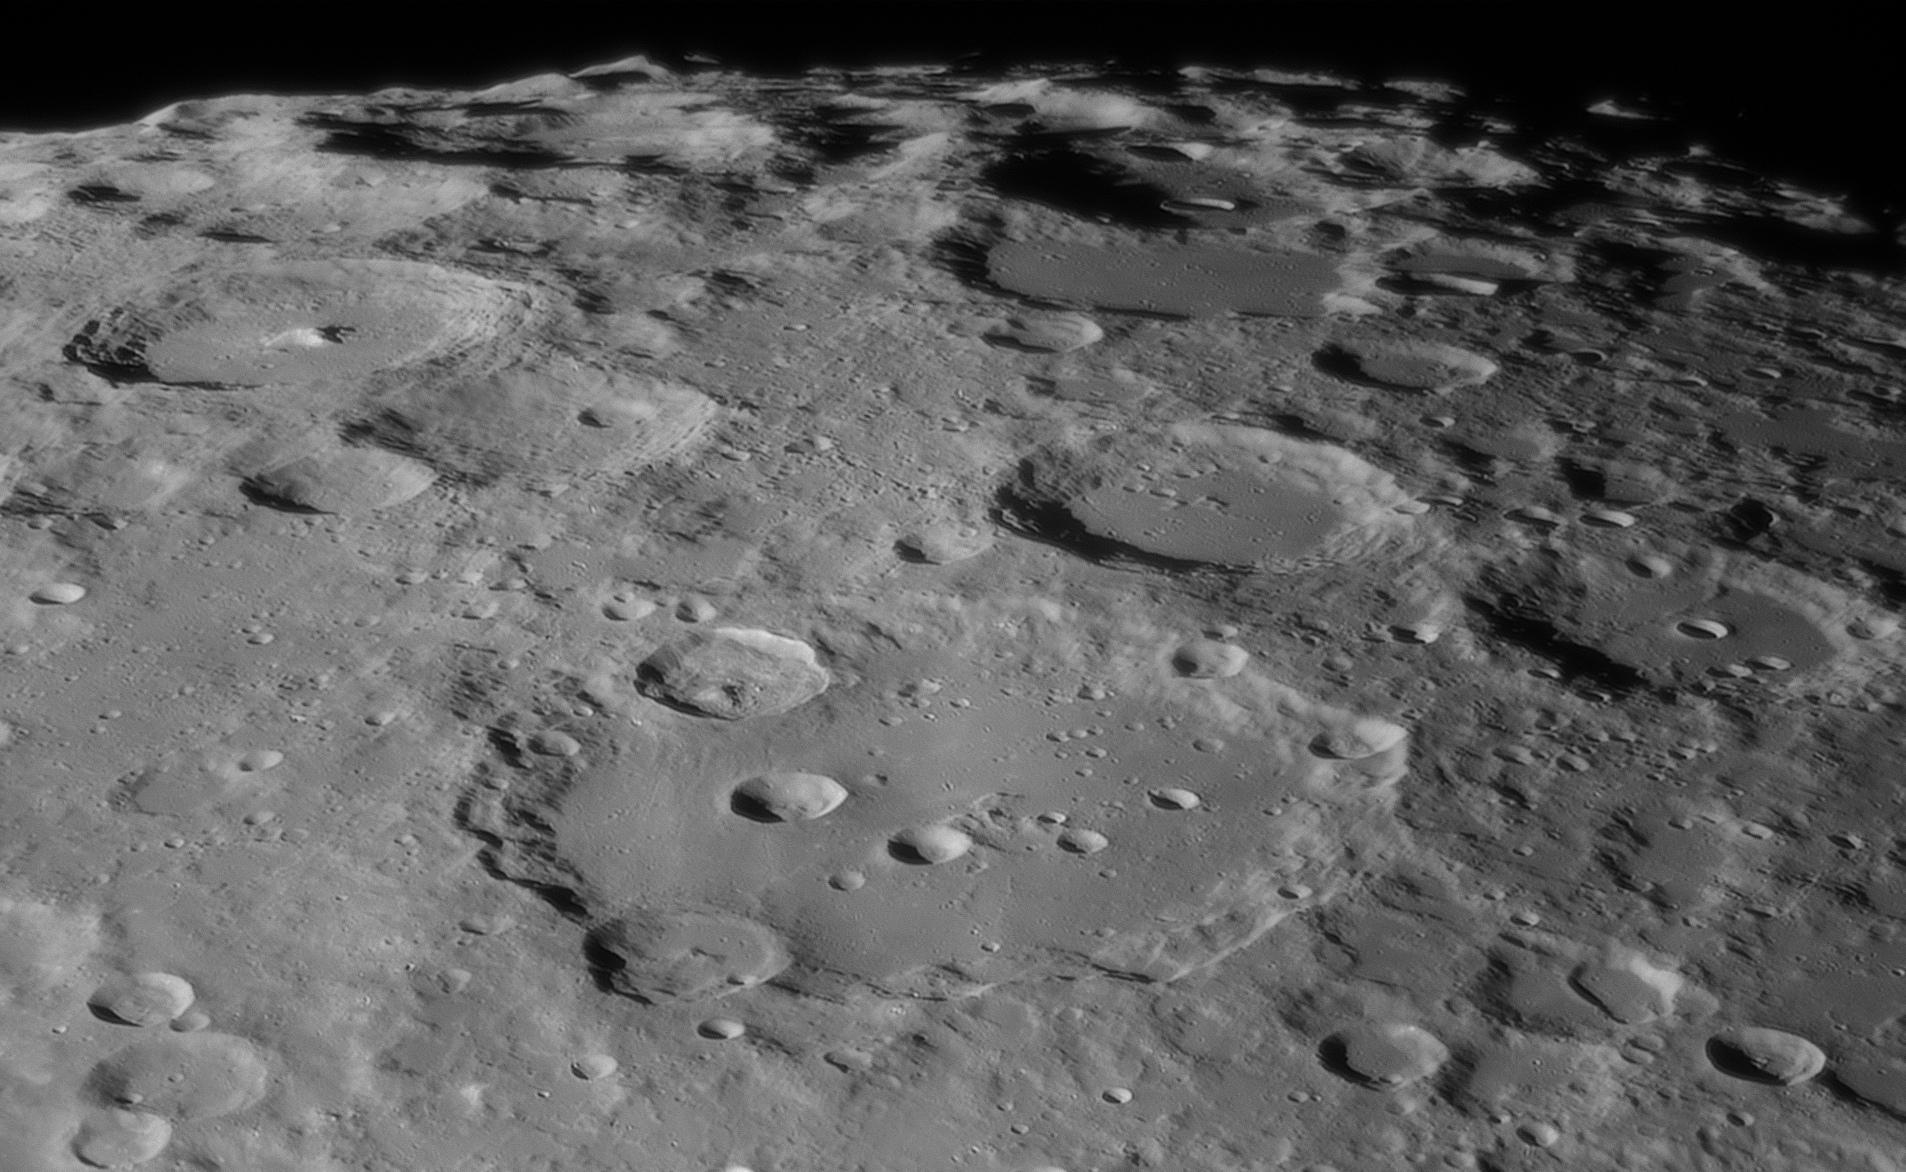 lune_clavius_6janvier2020_20h55tu_2.jpg.ab2b6392ca20c40e8dc5456008ae3689.jpg